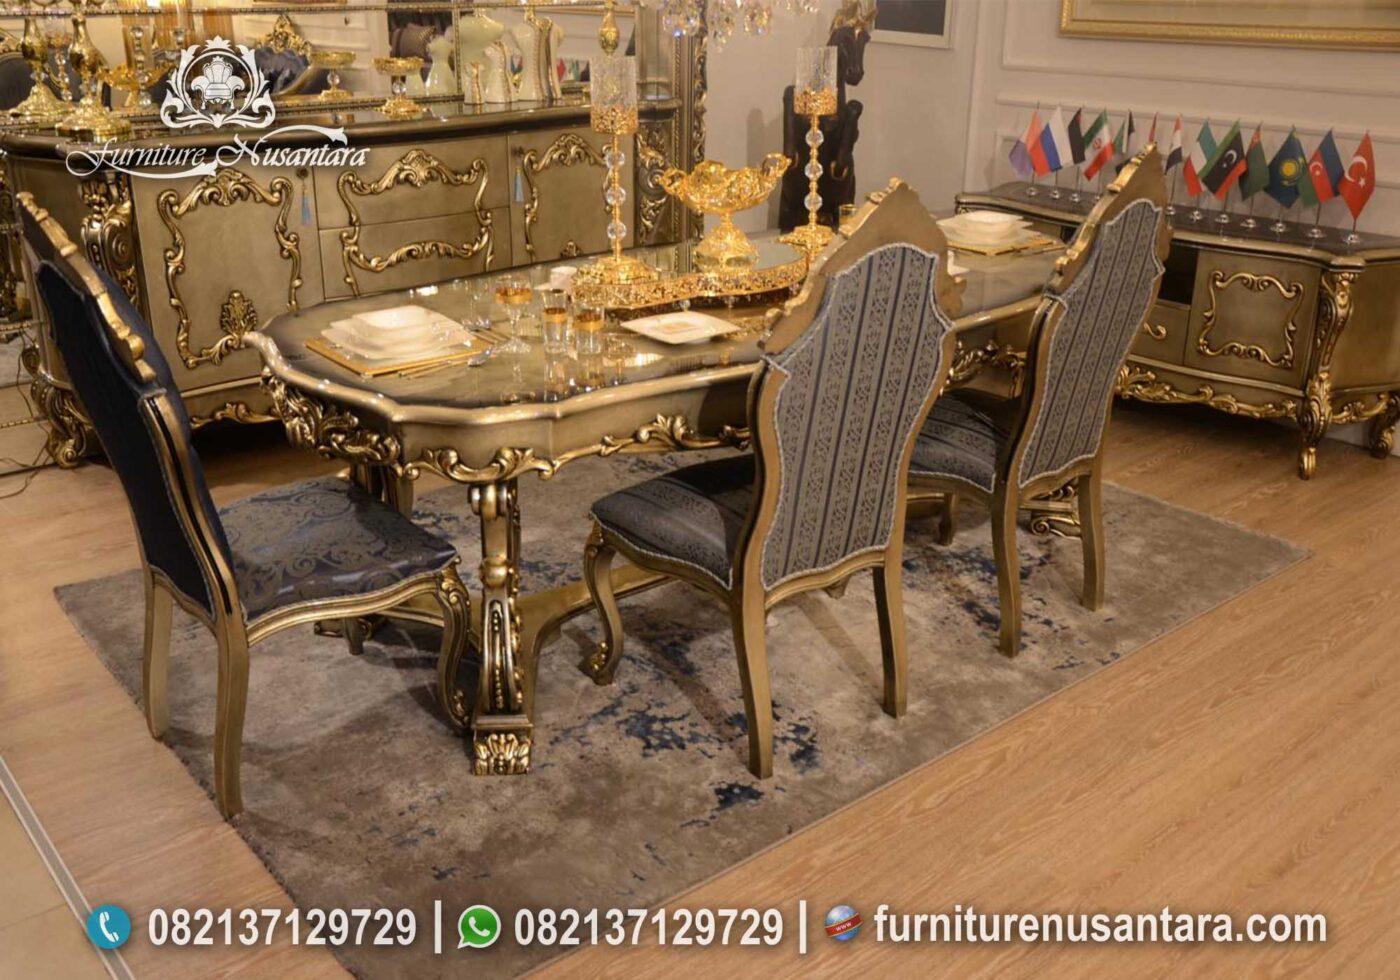 Meja Makan Klasik Ukir Jepara MM-10, Furniture Nusantara